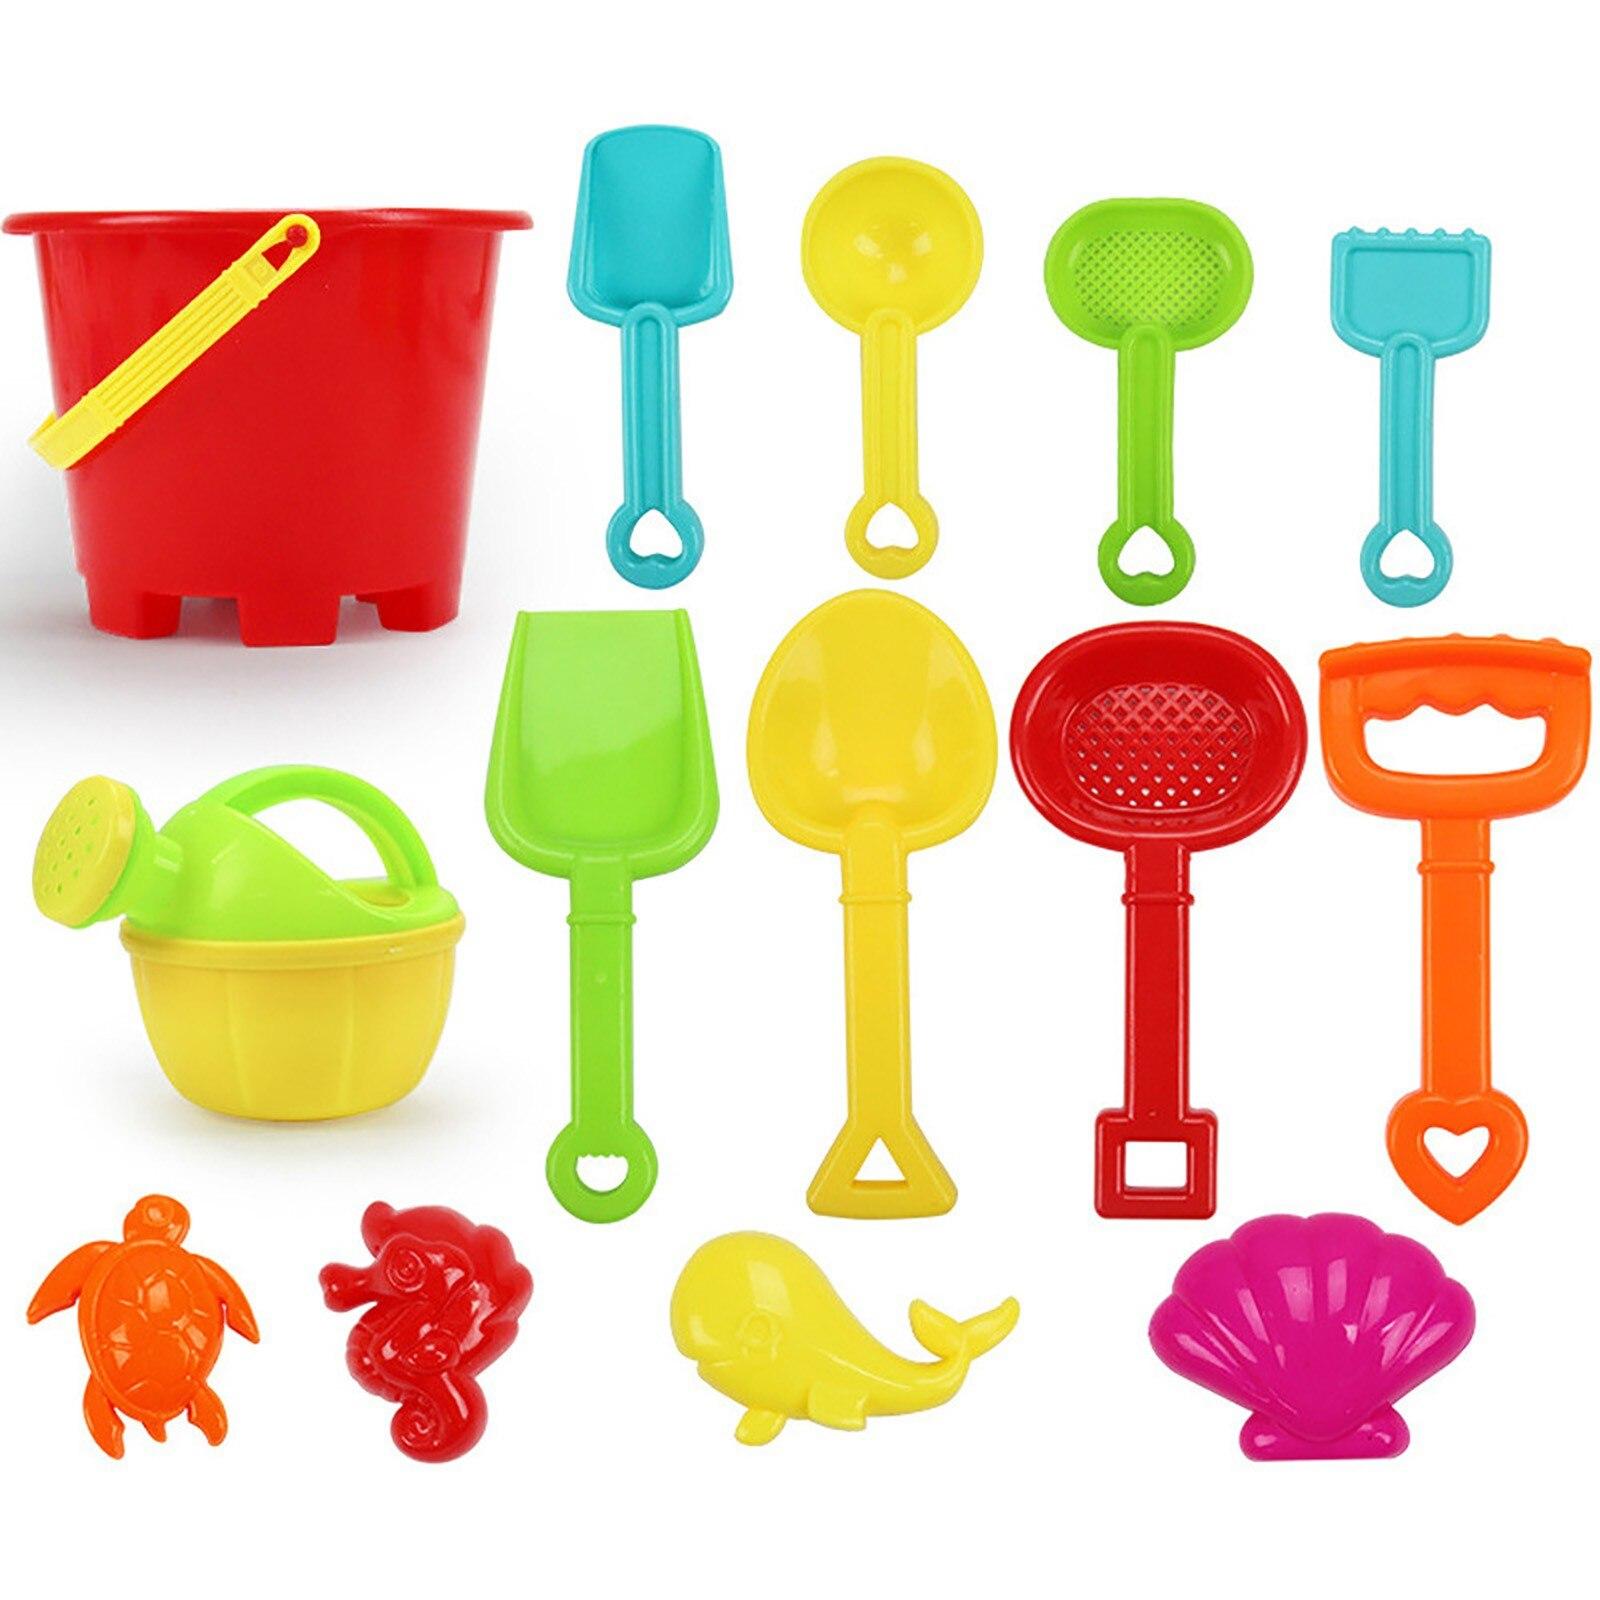 2021 игрушки для детей 14 шт. набор инструментов для пляжа игра с песком игрушки дети забавные водные пляжные приморские Инструменты подарки игрушки для детей # L4 Пляжные/песочные игрушки      АлиЭкспресс